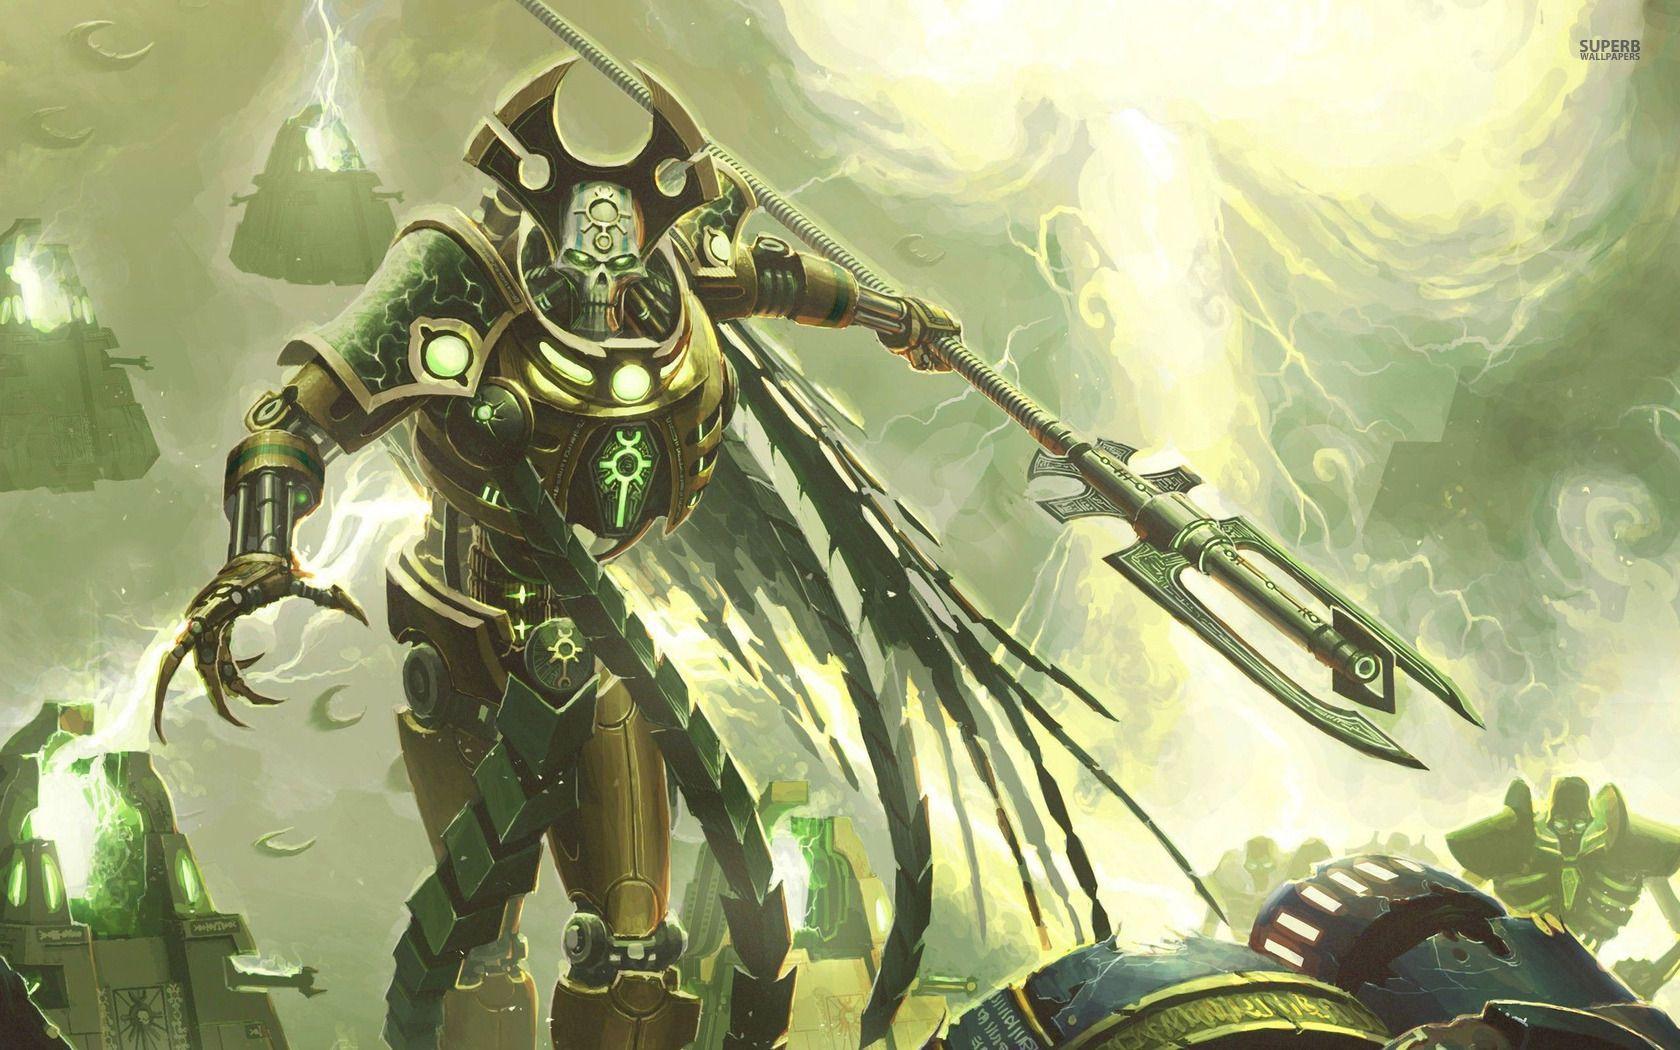 Necrons Necron Warhammer Warhammer 40k